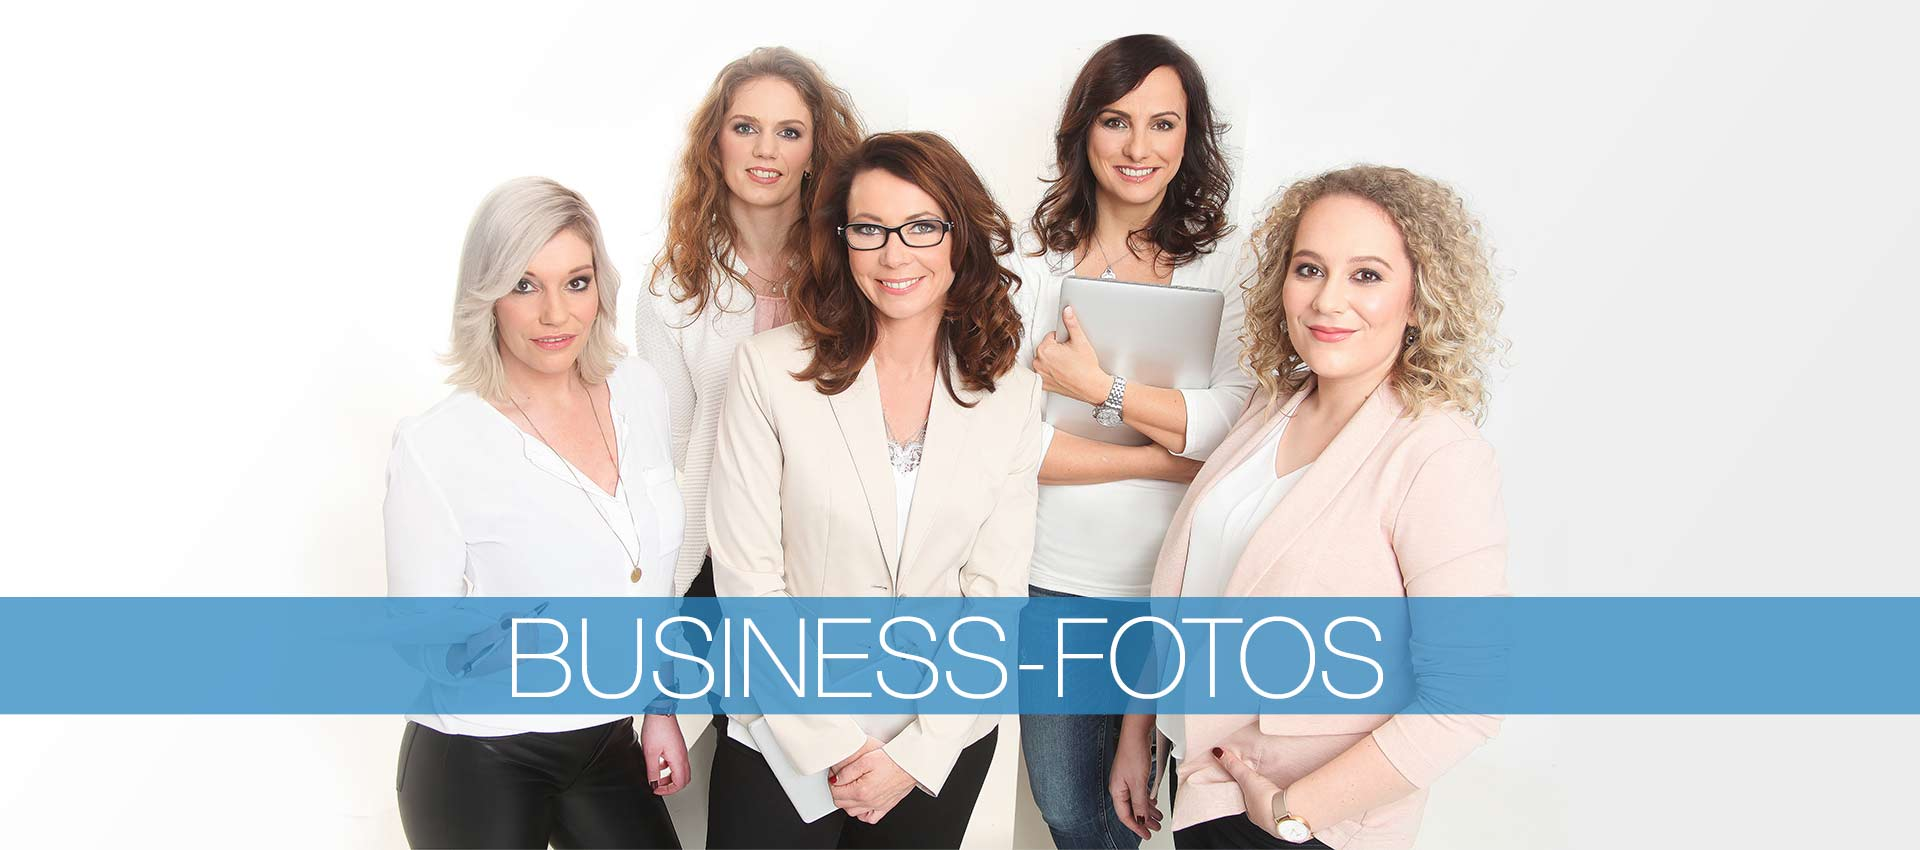 Business-Fotos